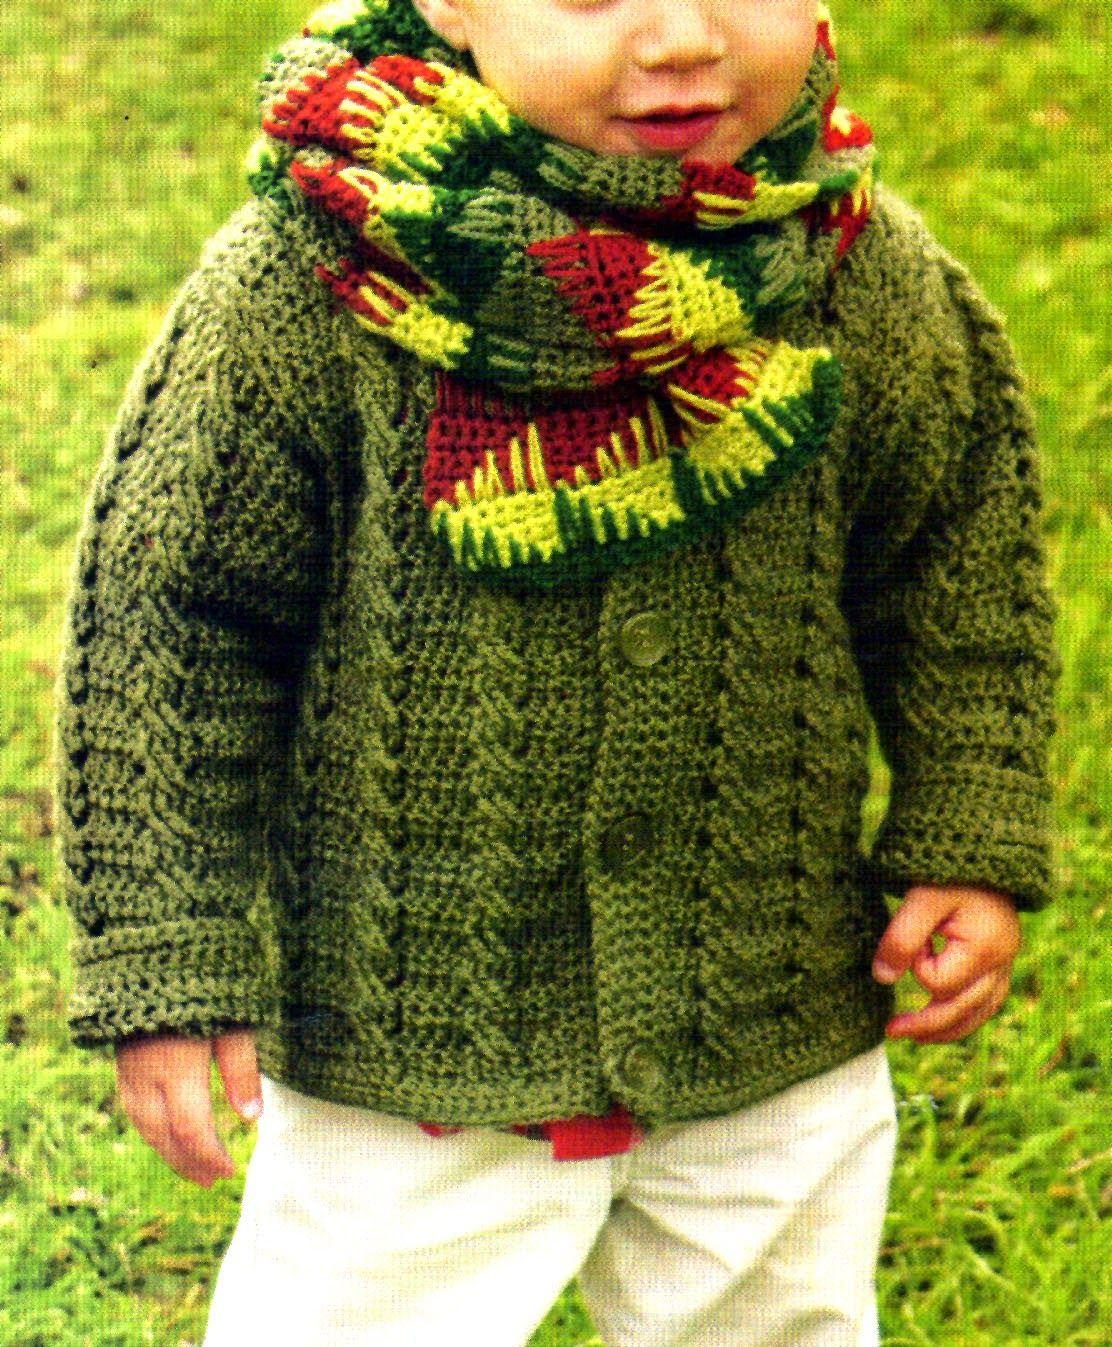 tejidos artesanales en crochet: saco para niño con puntos de ochos y ...